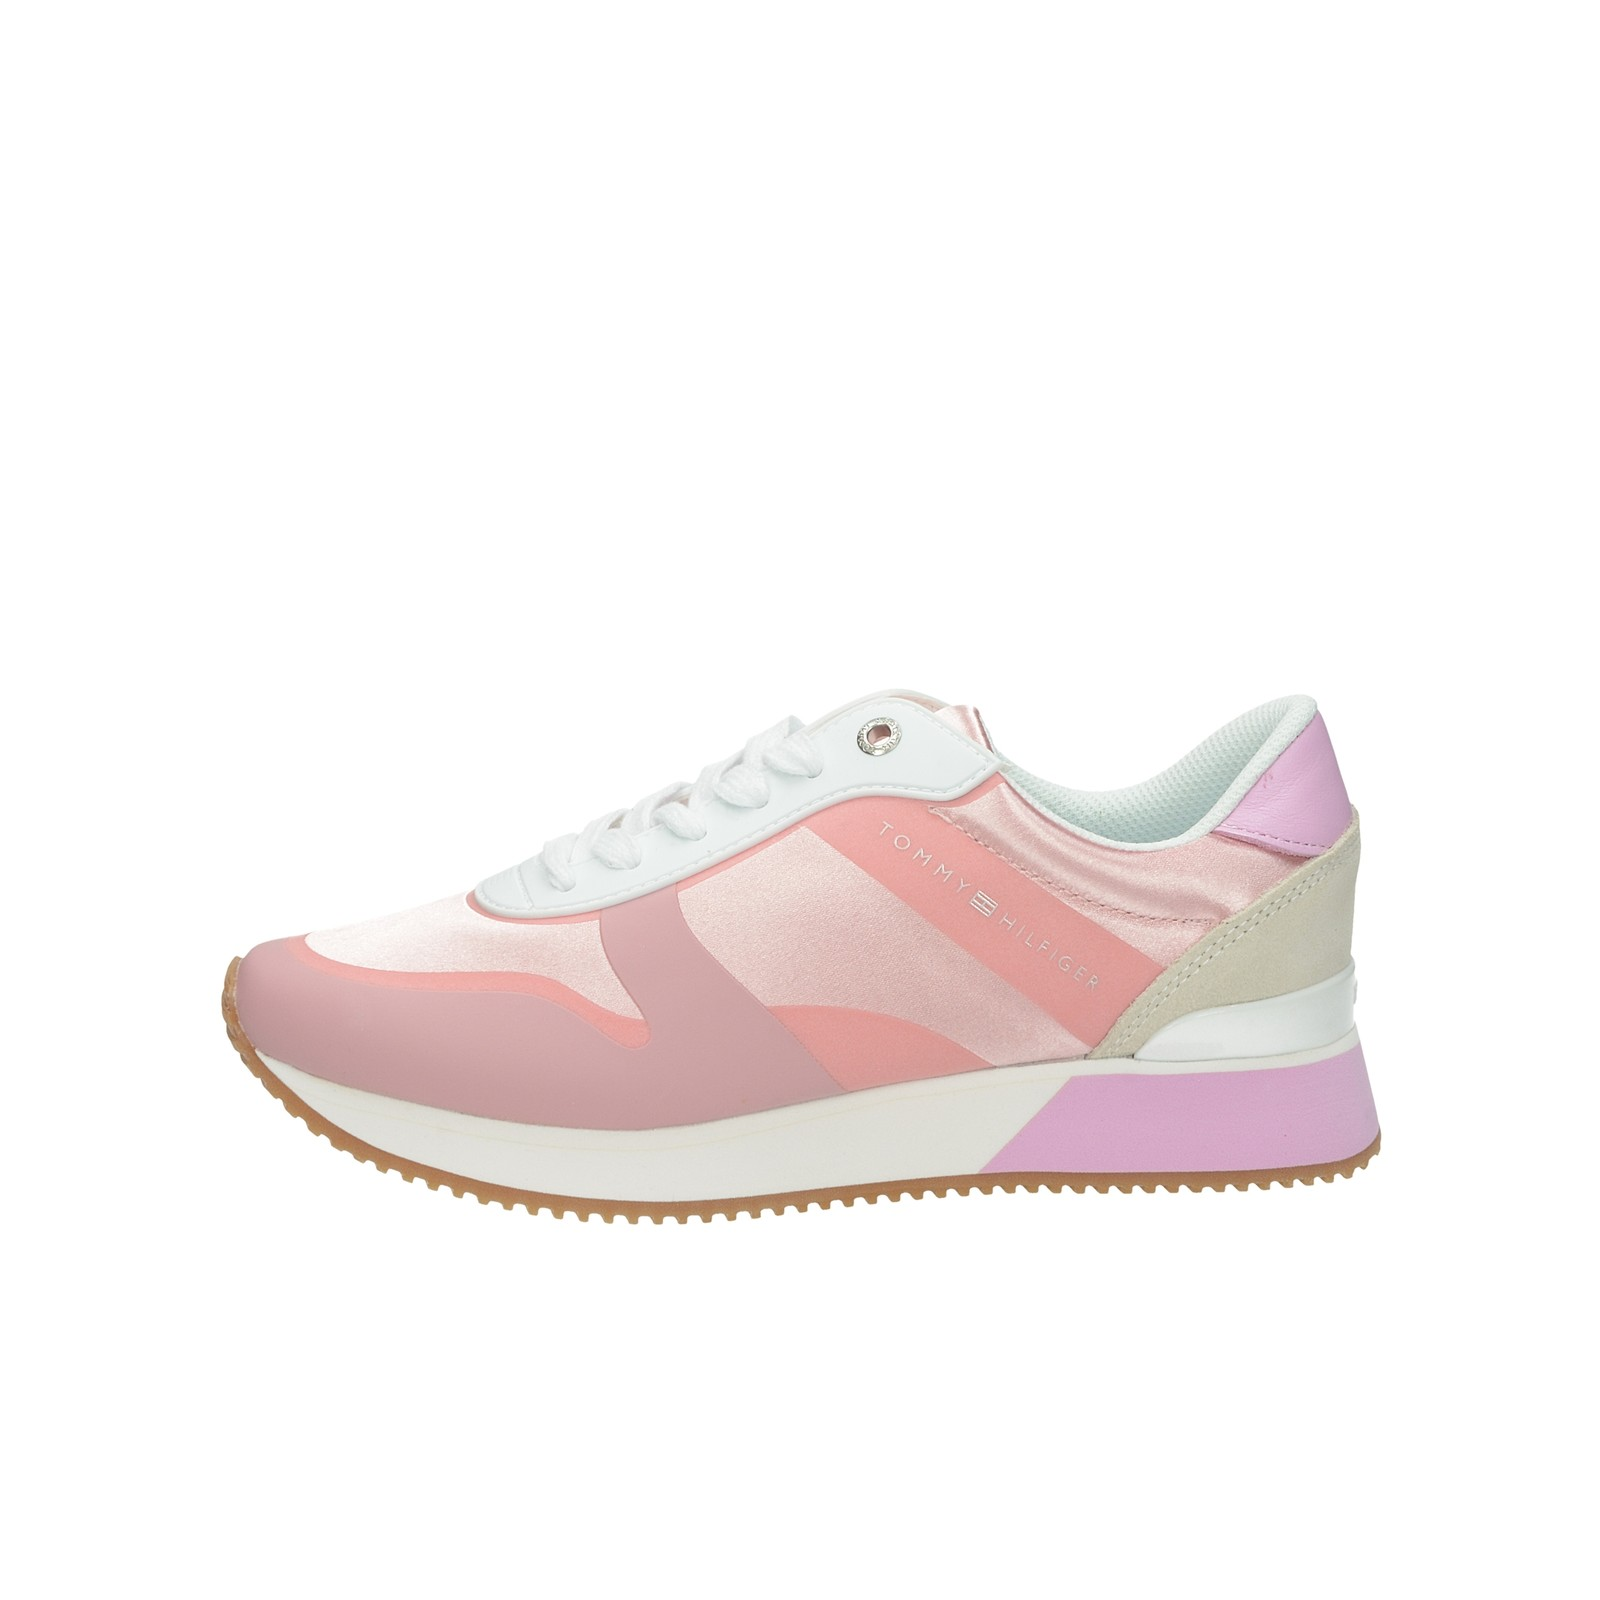 67d161c5e Tommy Hilfiger dámske štýlové tenisky - ružové | FW0FW04099518-PINK ...